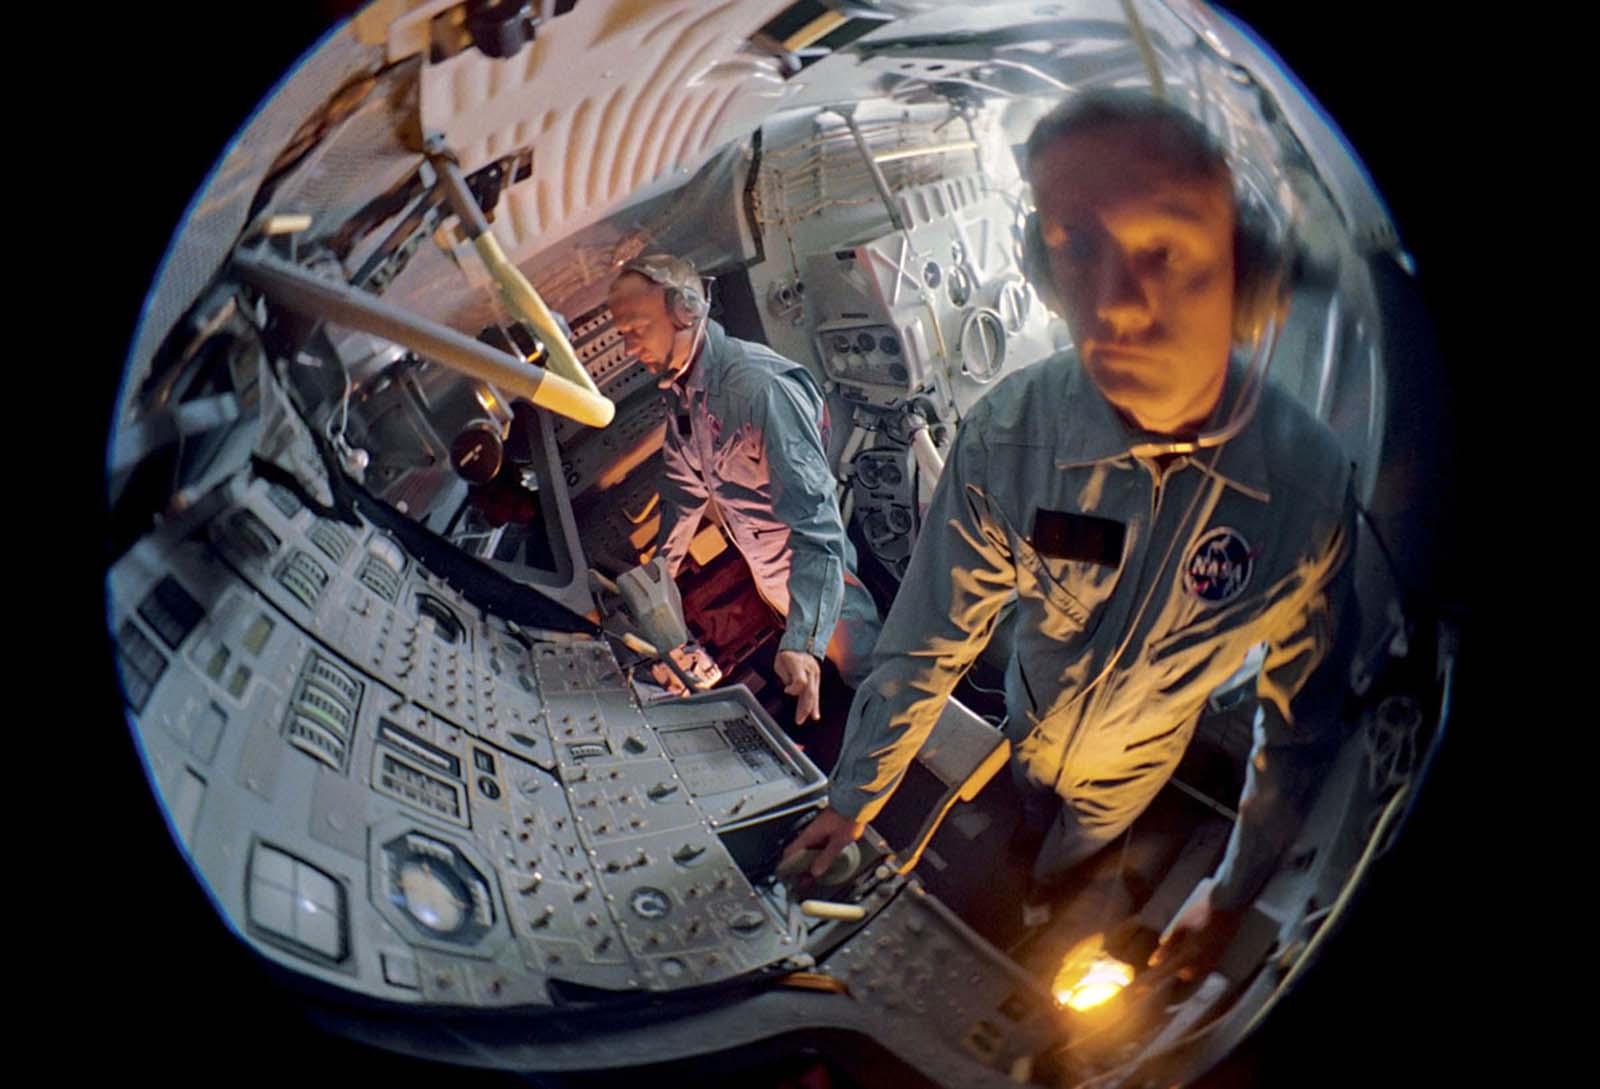 Uma visão de olho de peixe dos astronautas Buzz Aldrin e Neil Armstrong enquanto eles treinam em um módulo lunar.